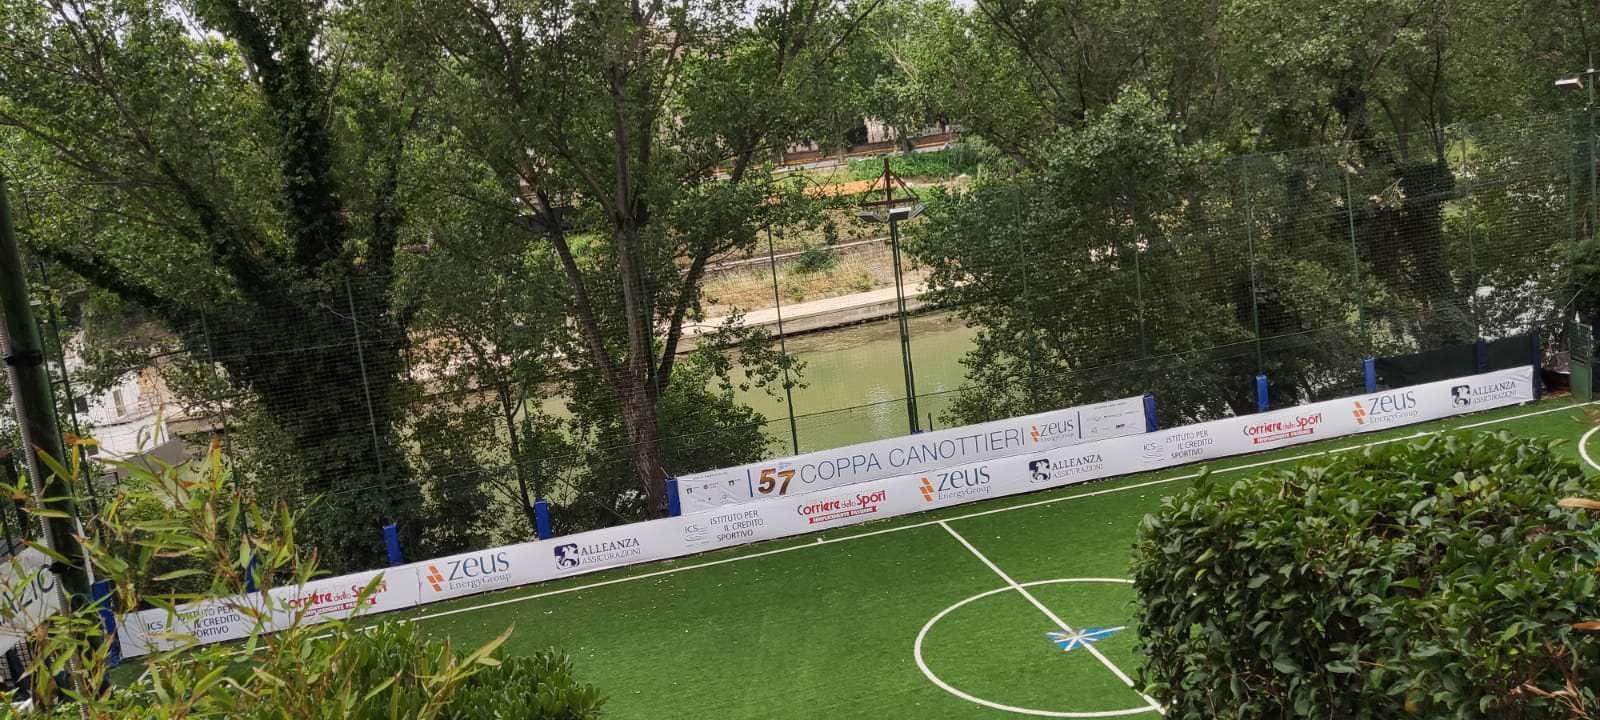 Coppa dei Canottieri 2021 al Circolo Canottieri Lazio